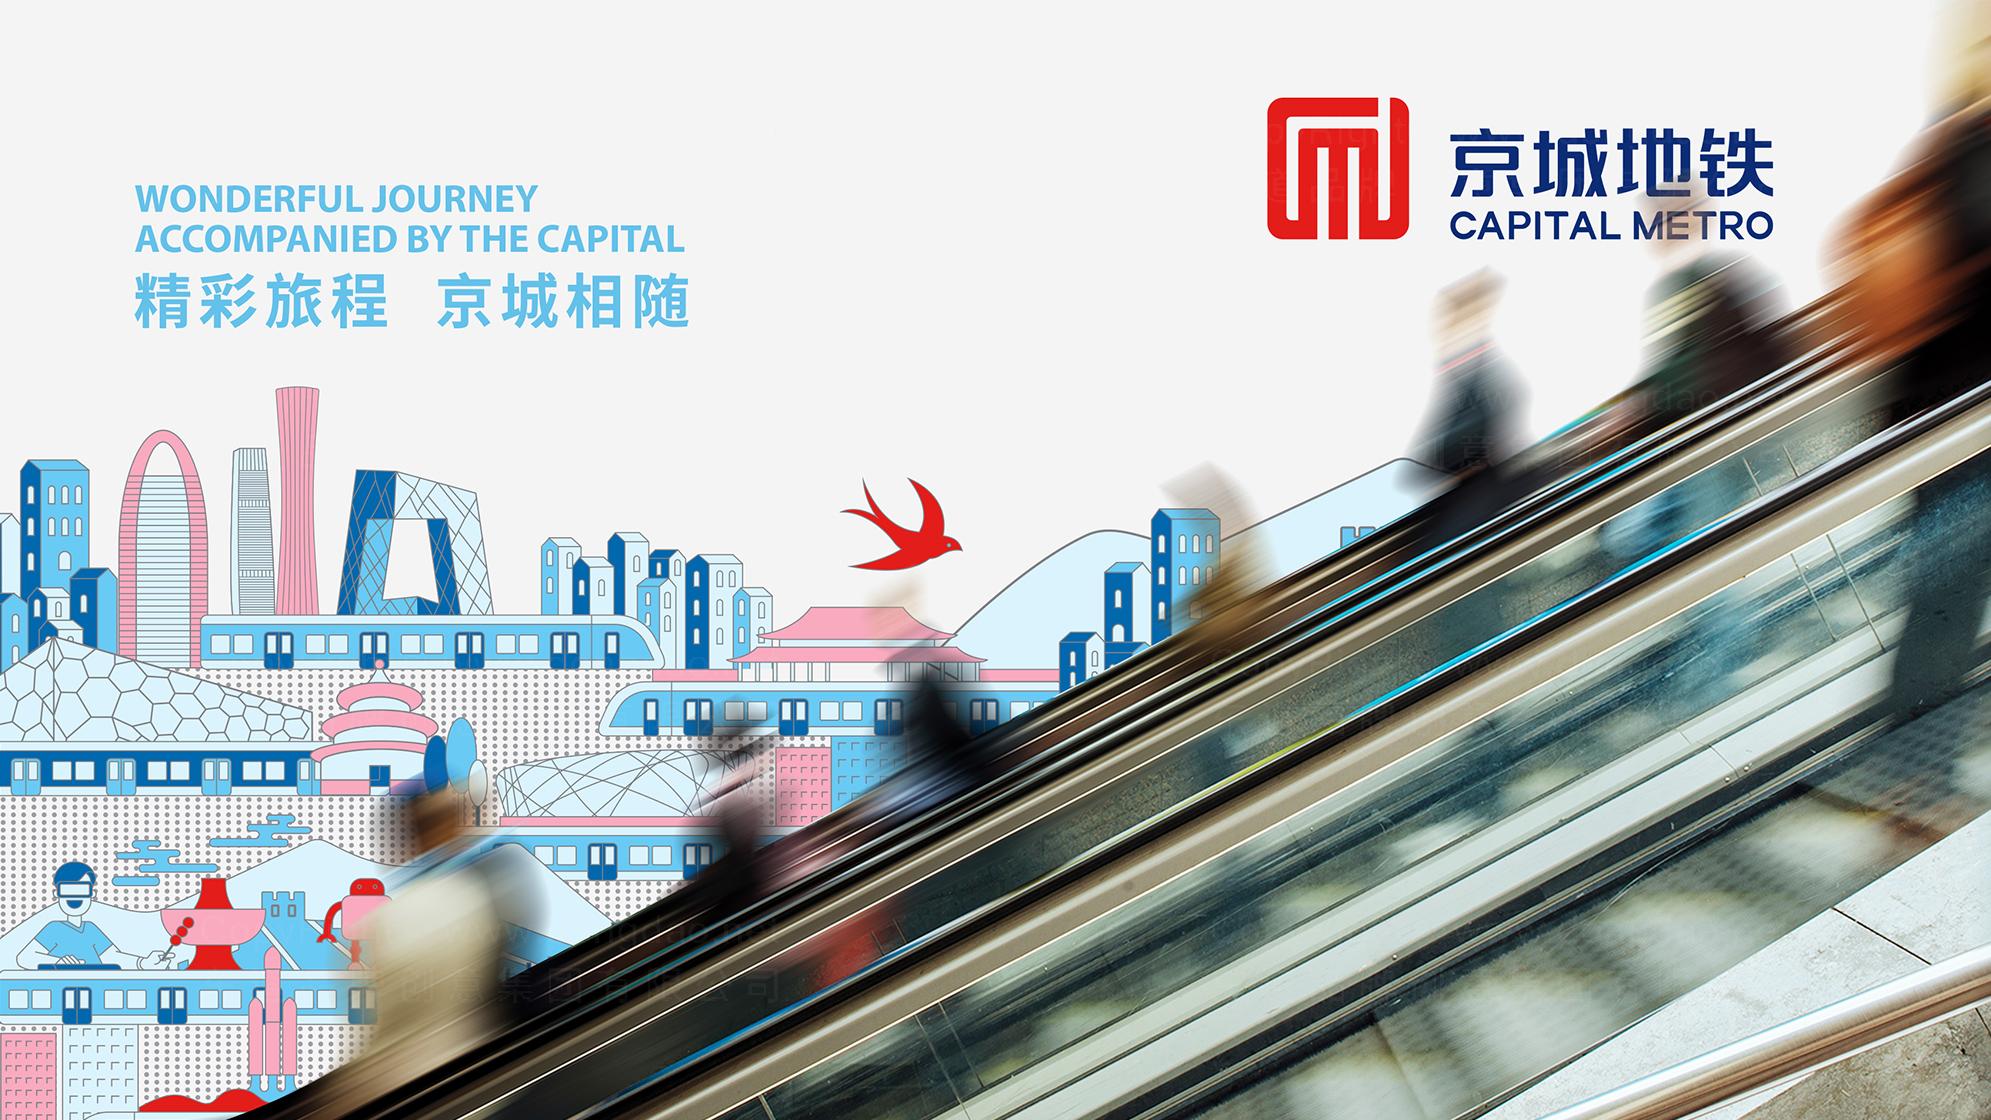 品牌设计京城地铁LOGO&VI设计应用场景